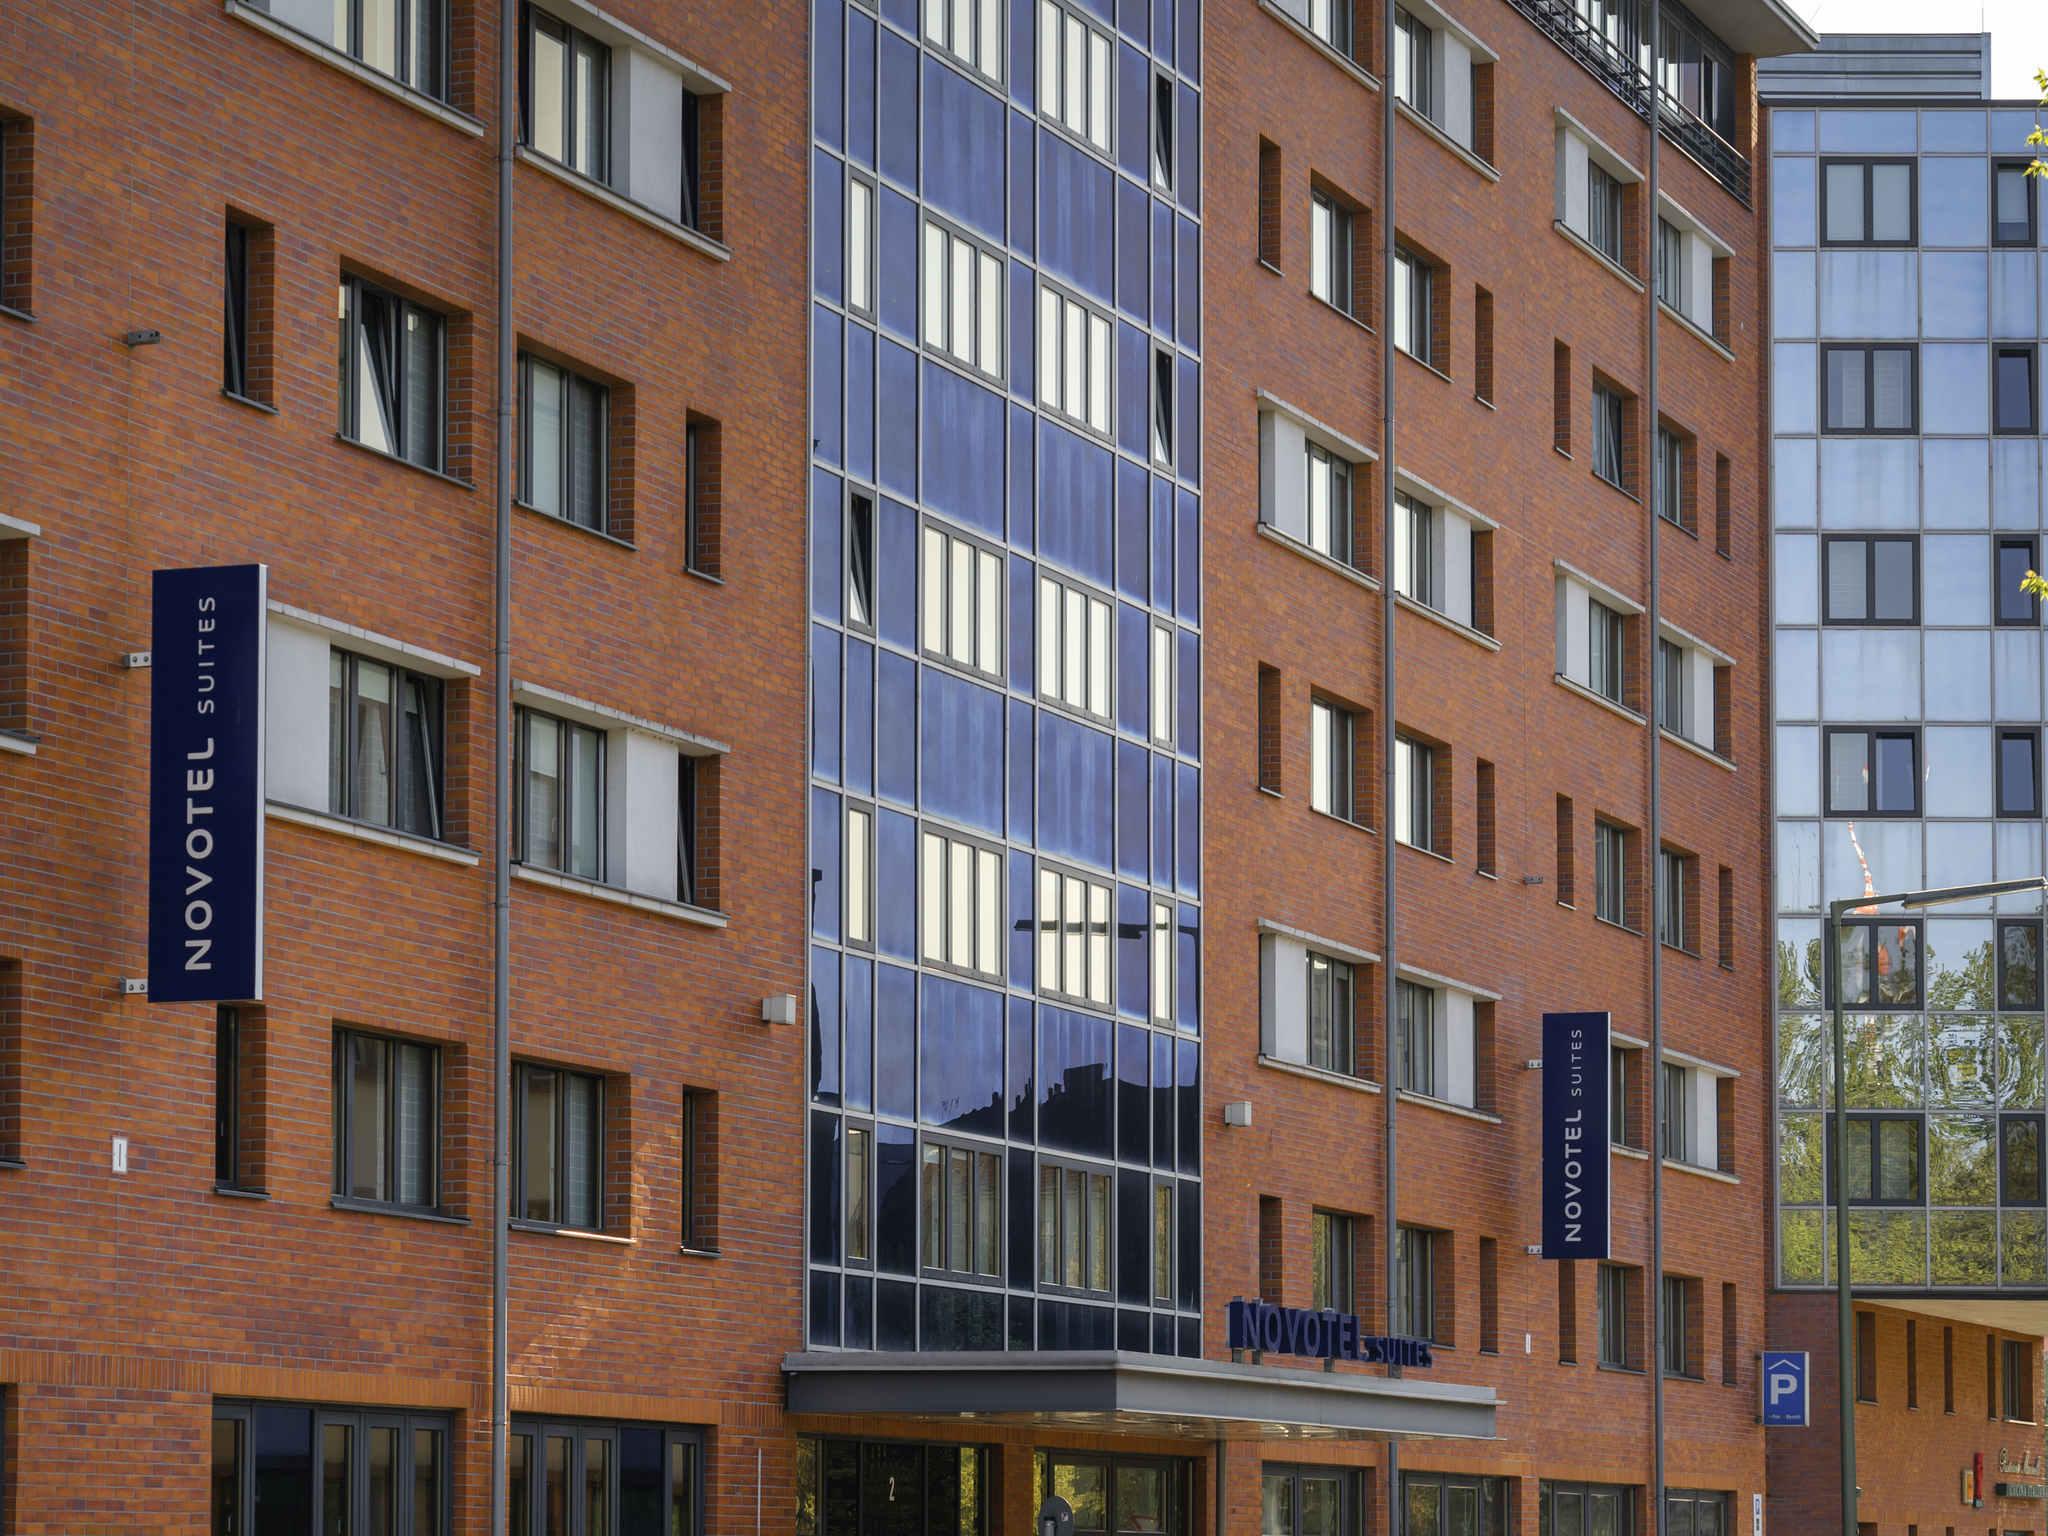 فندق - أجنحة نوفوتيل برلين سيتي بوتسدام بلاتز